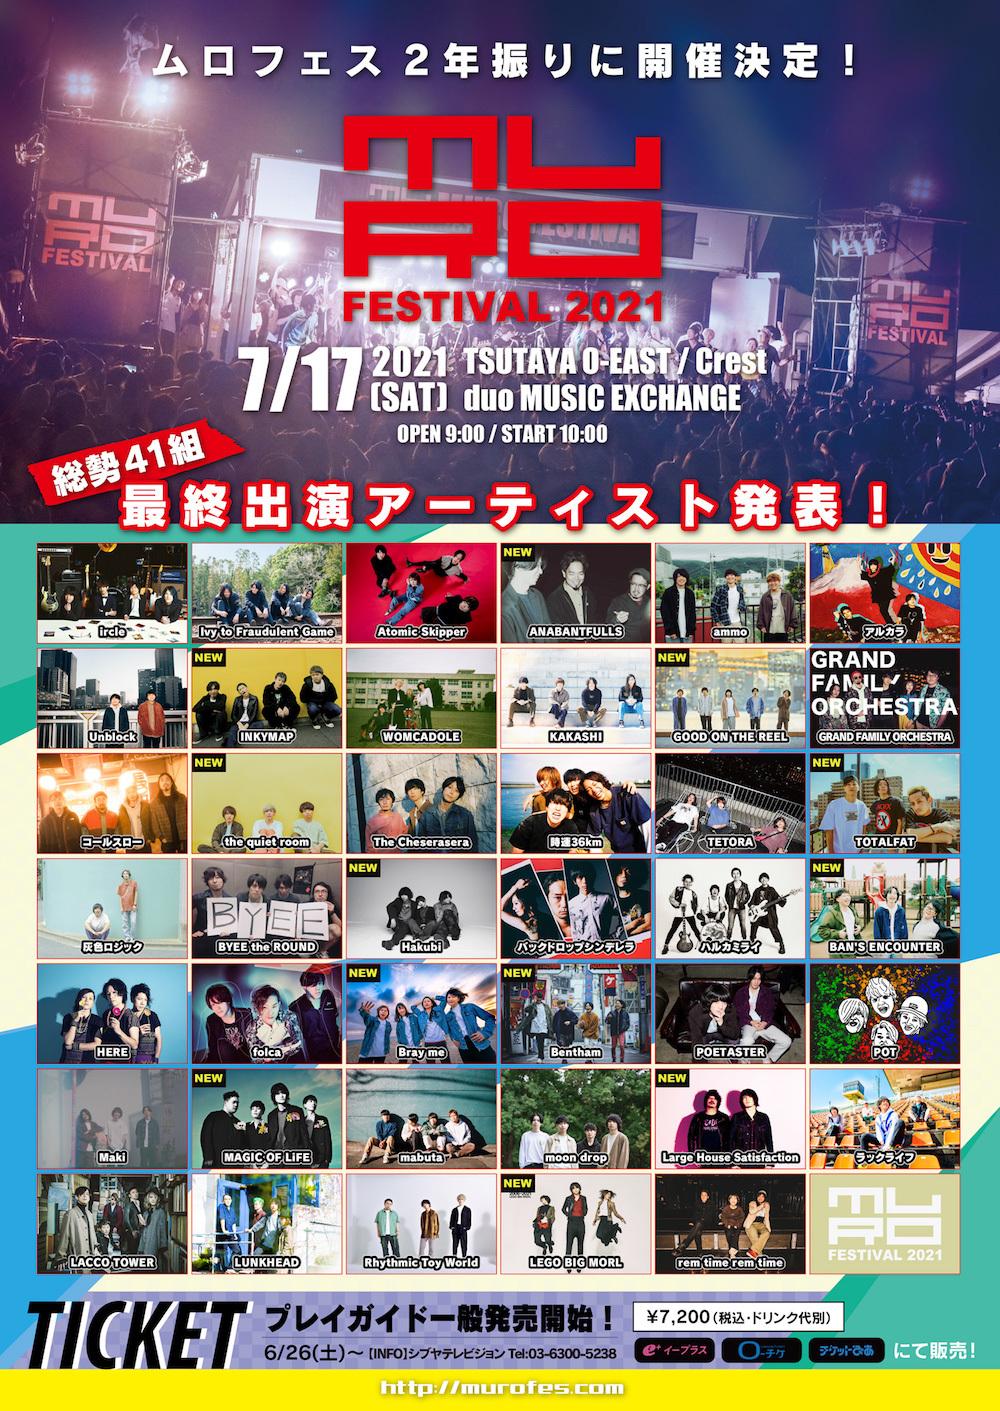 『MURO FESTIVAL 2021』